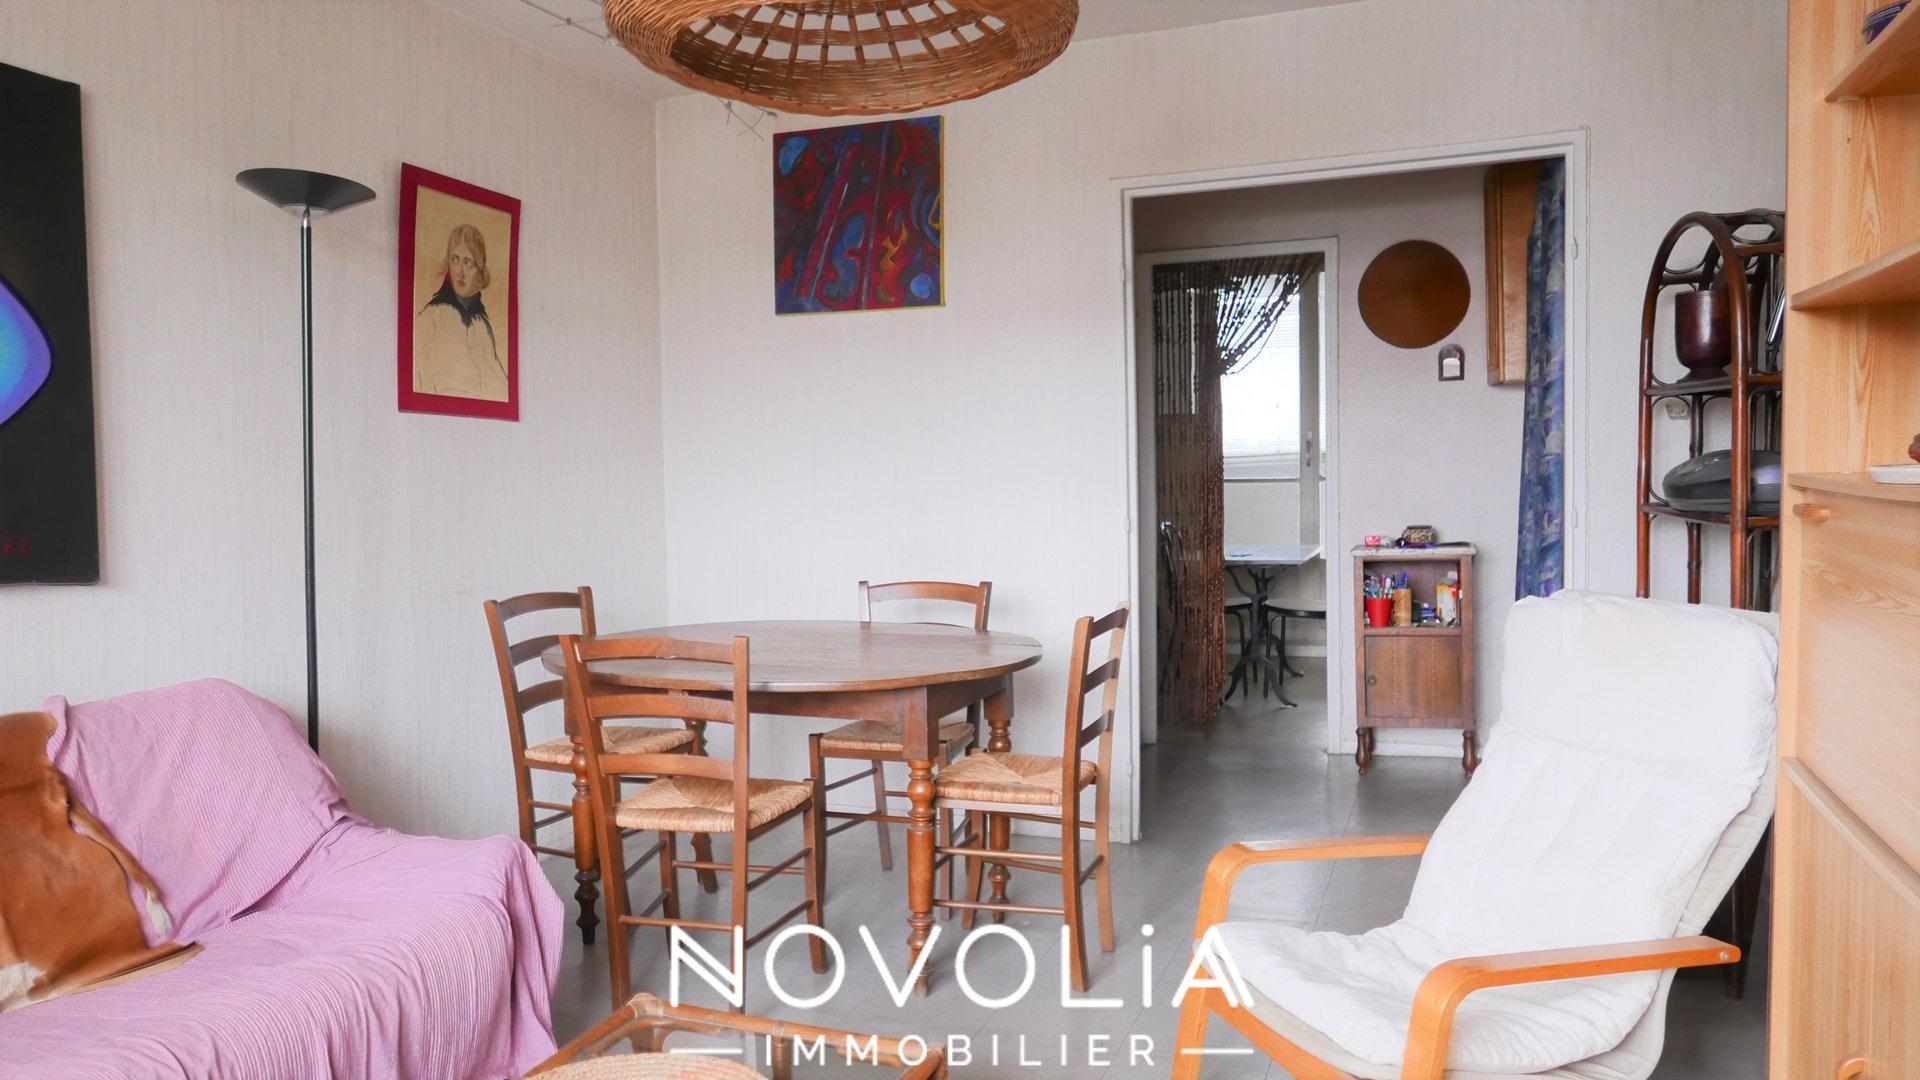 Achat Appartement Surface de 58.7 m²/ Total carrez : 56 m², 3 pièces, Vénissieux (69200)